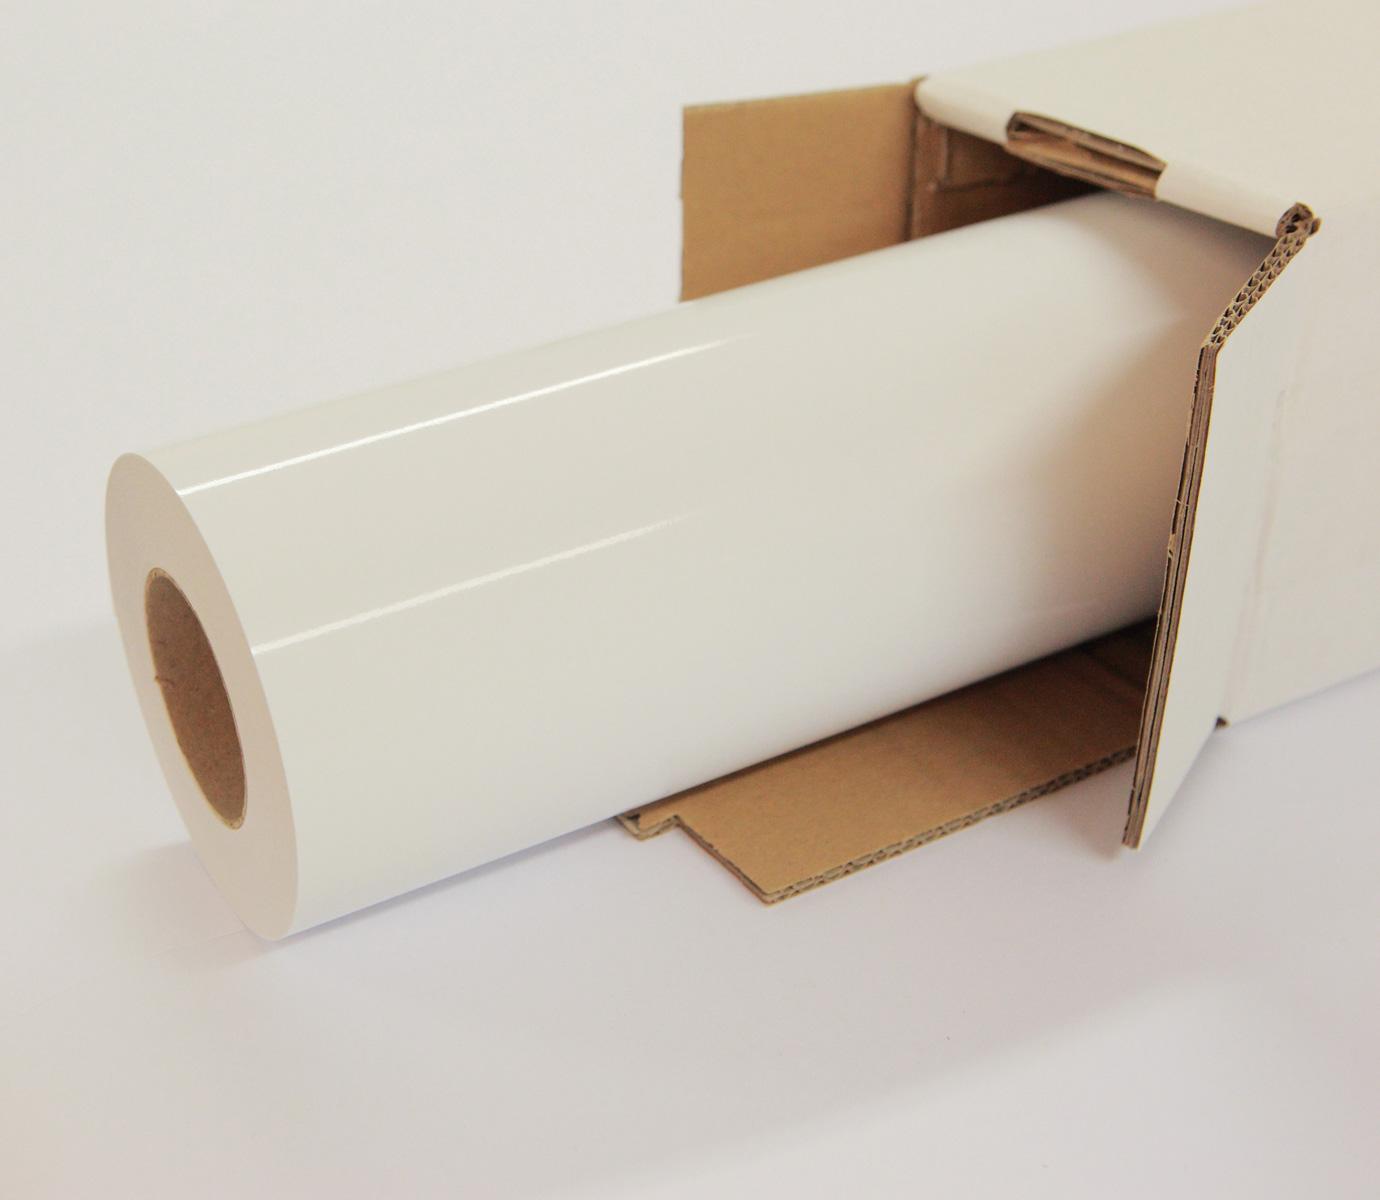 Бумага инженерная 594x175 75гр./м2., А1 (496L94043) XEROX - фото 4